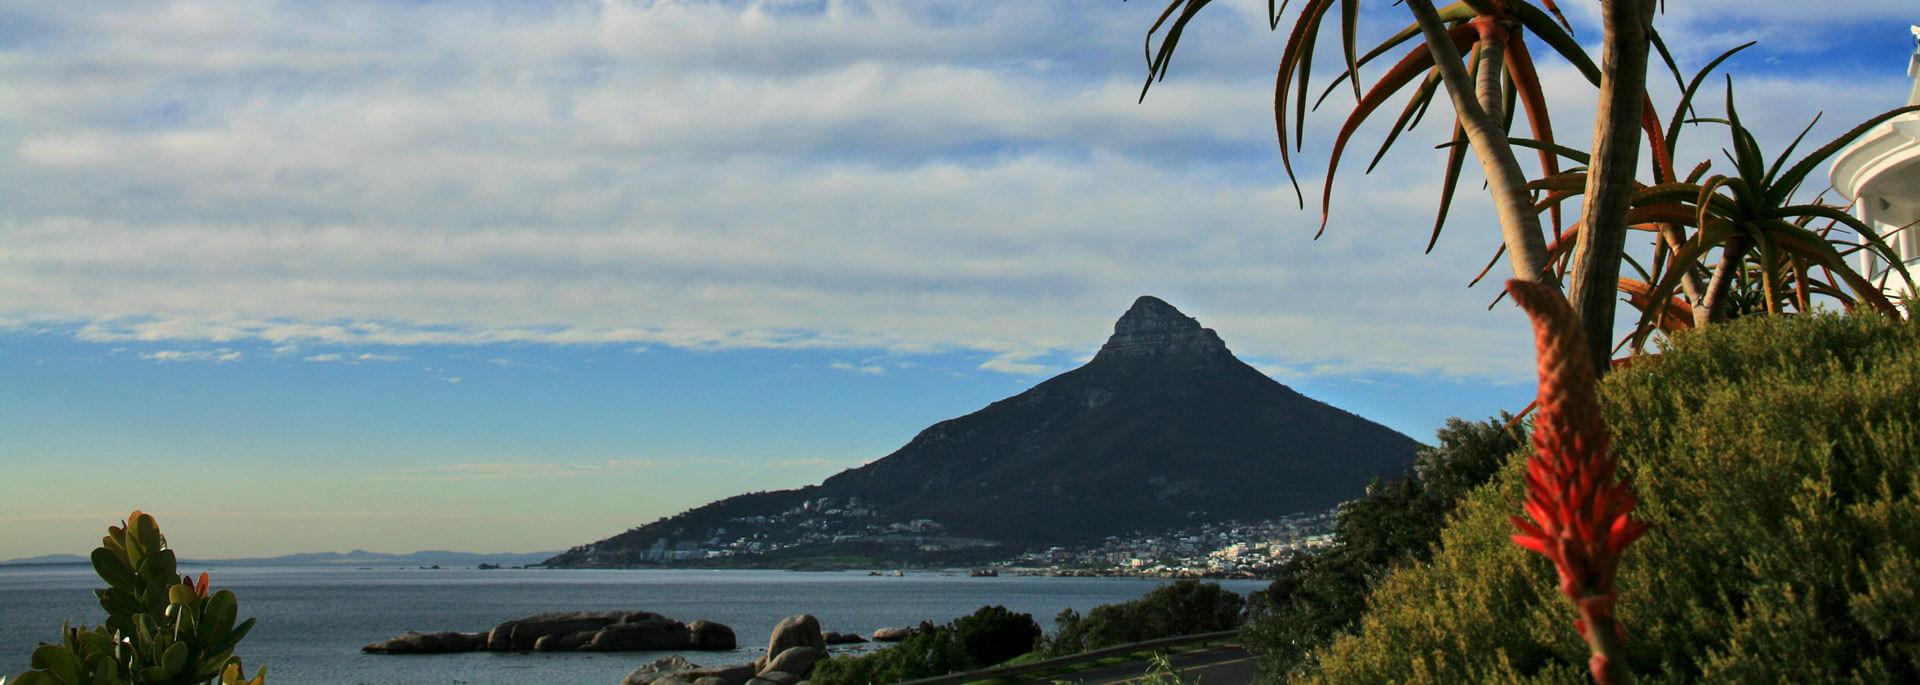 Wie ich Kapstadts Pinguine knuddelte und morgens um 10 Brut trank